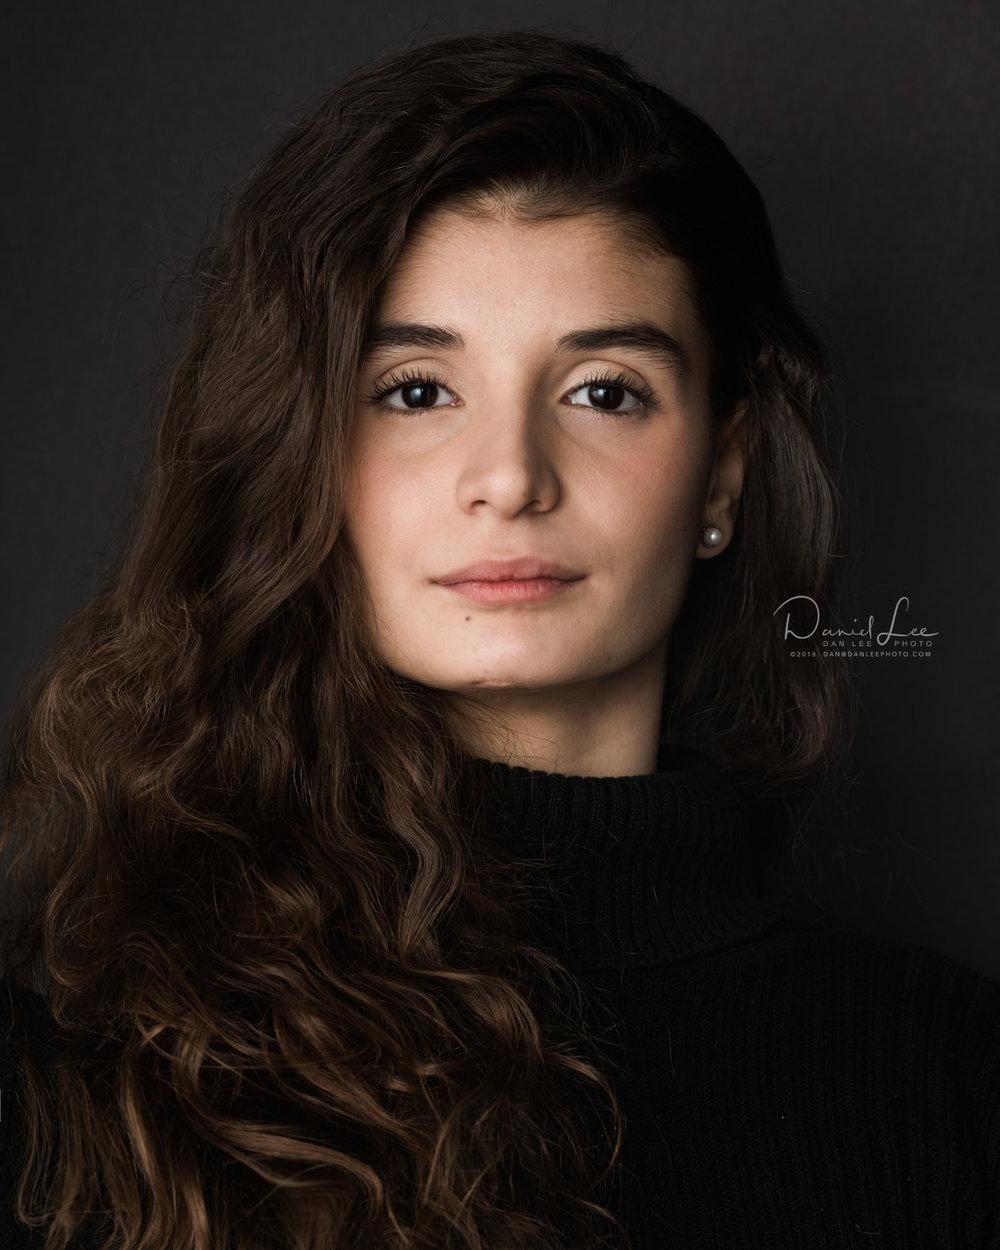 Manoela Leopoldino, Dancer, Joffrey Ballet School. Headshot by Daniel Lee.